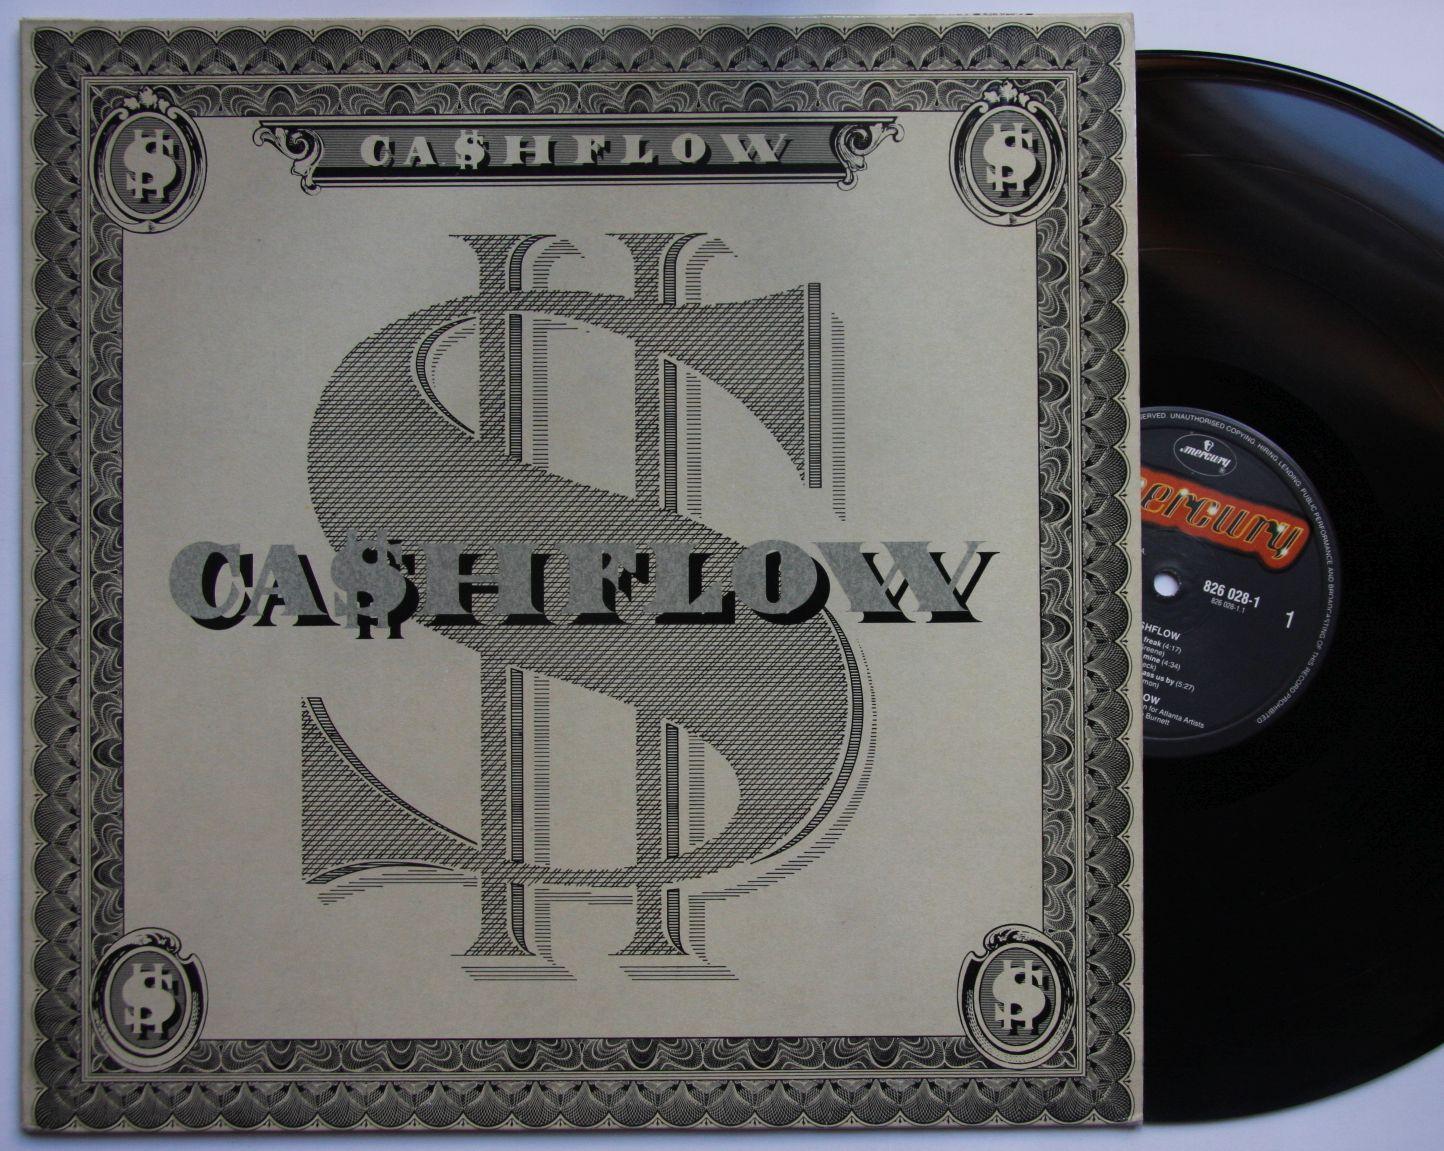 Cashflow - Cashflow LP